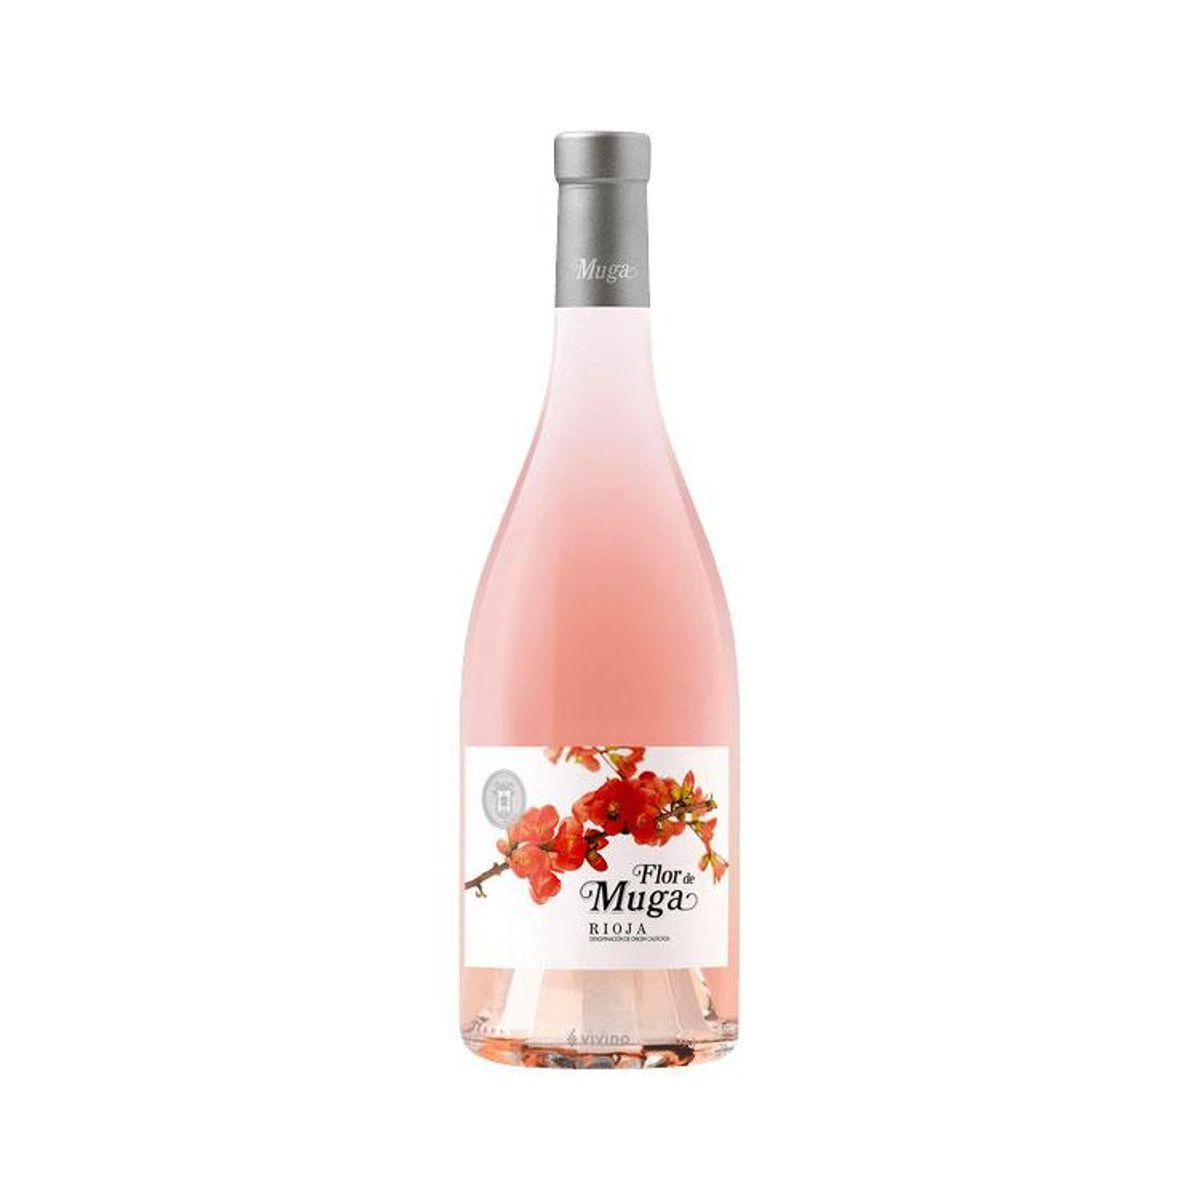 muga flor de muga rosado 2019